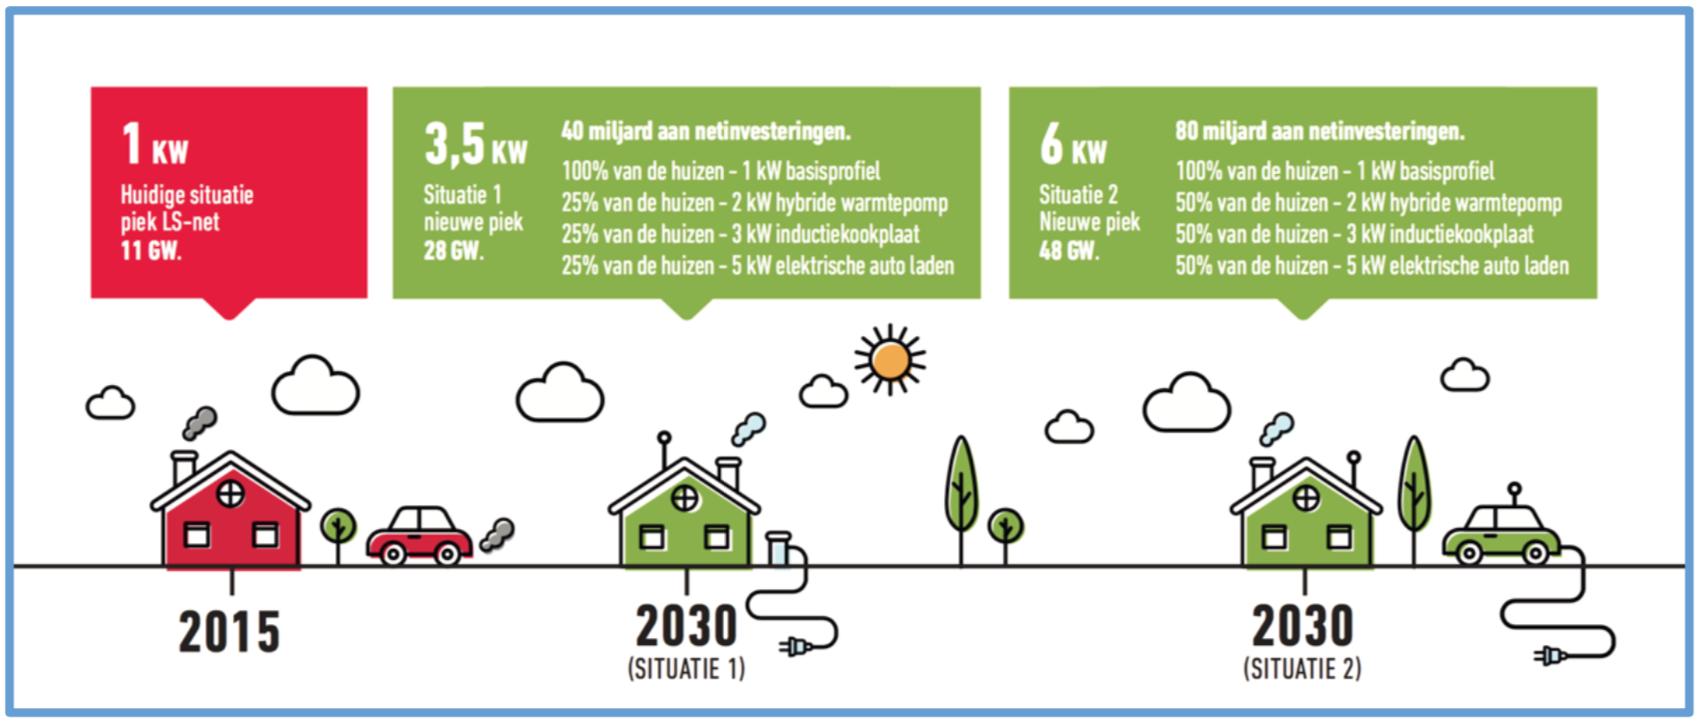 Netbeheer Nederland, 2018: Impact van voorzienbare elektrificatie op collectieve elektriciteitsnet